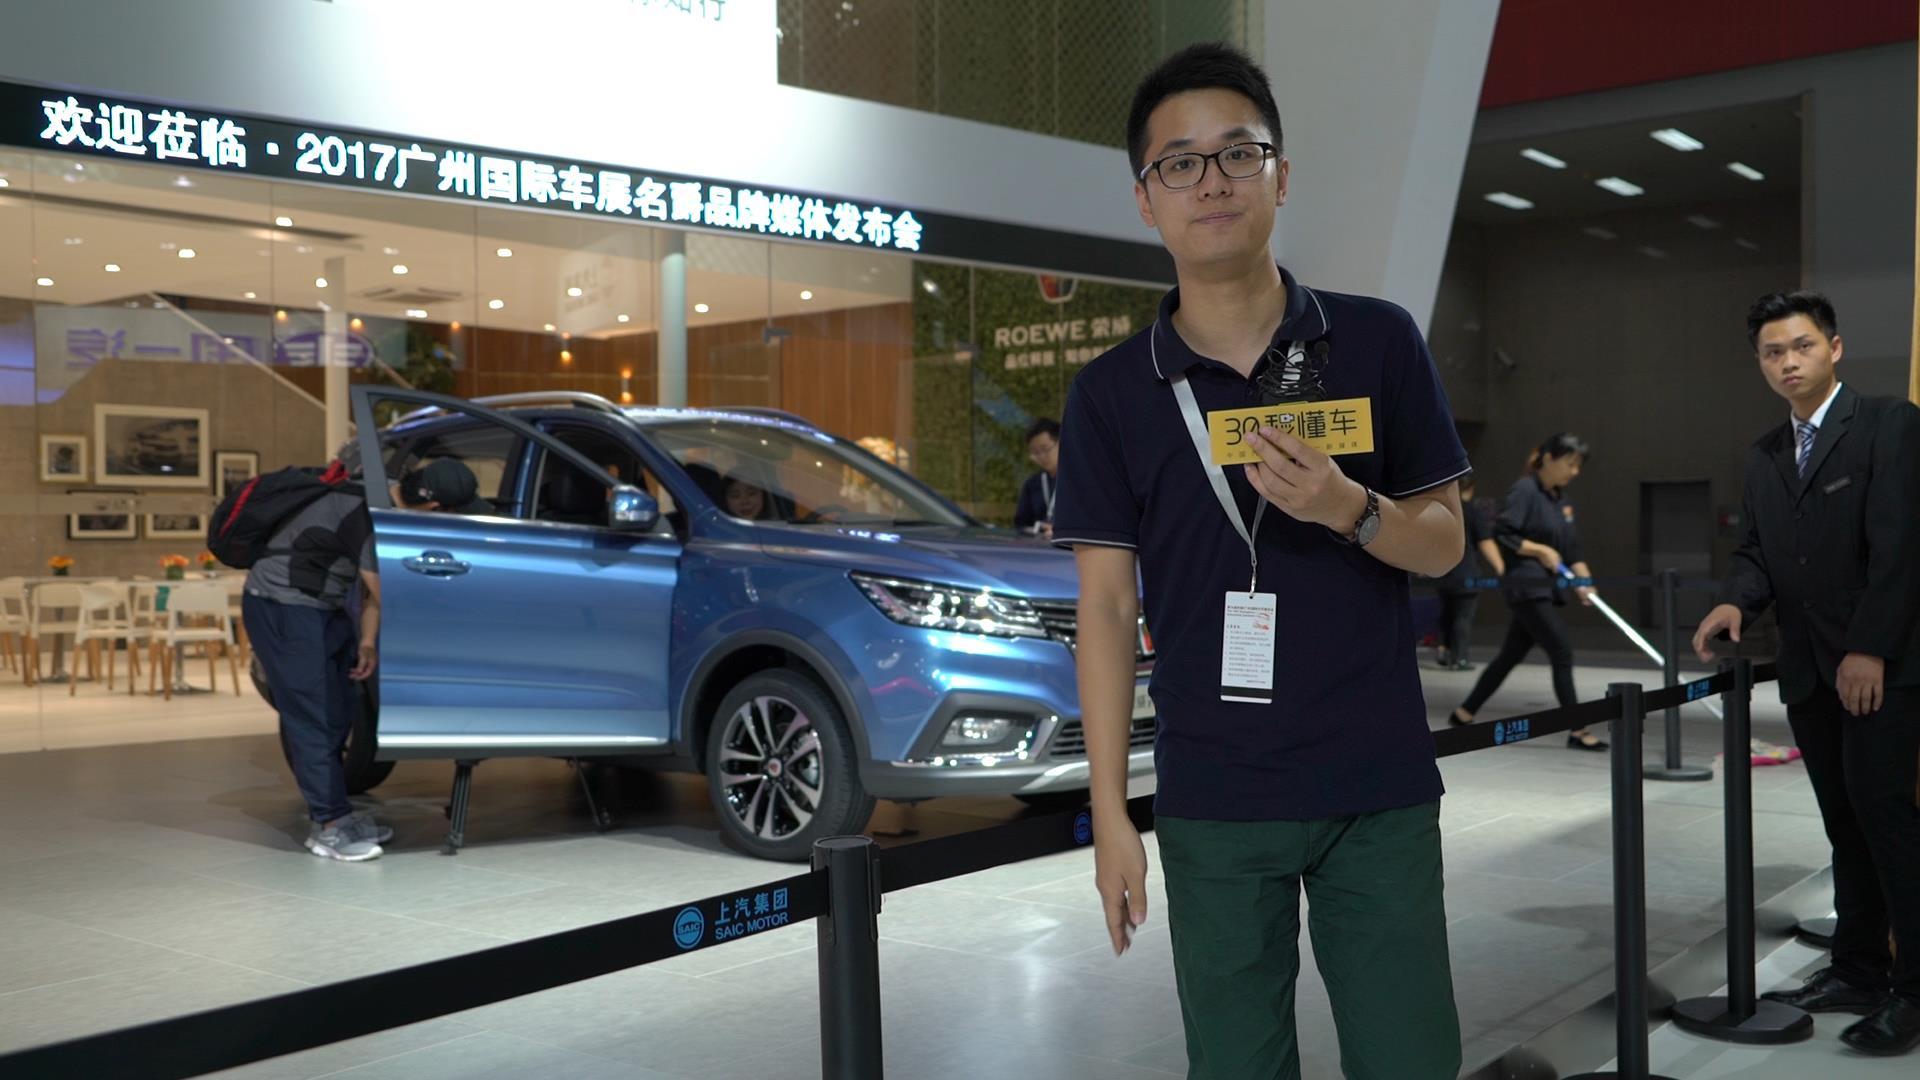 设计前卫 价格合理 荣威RX3车展视频首测